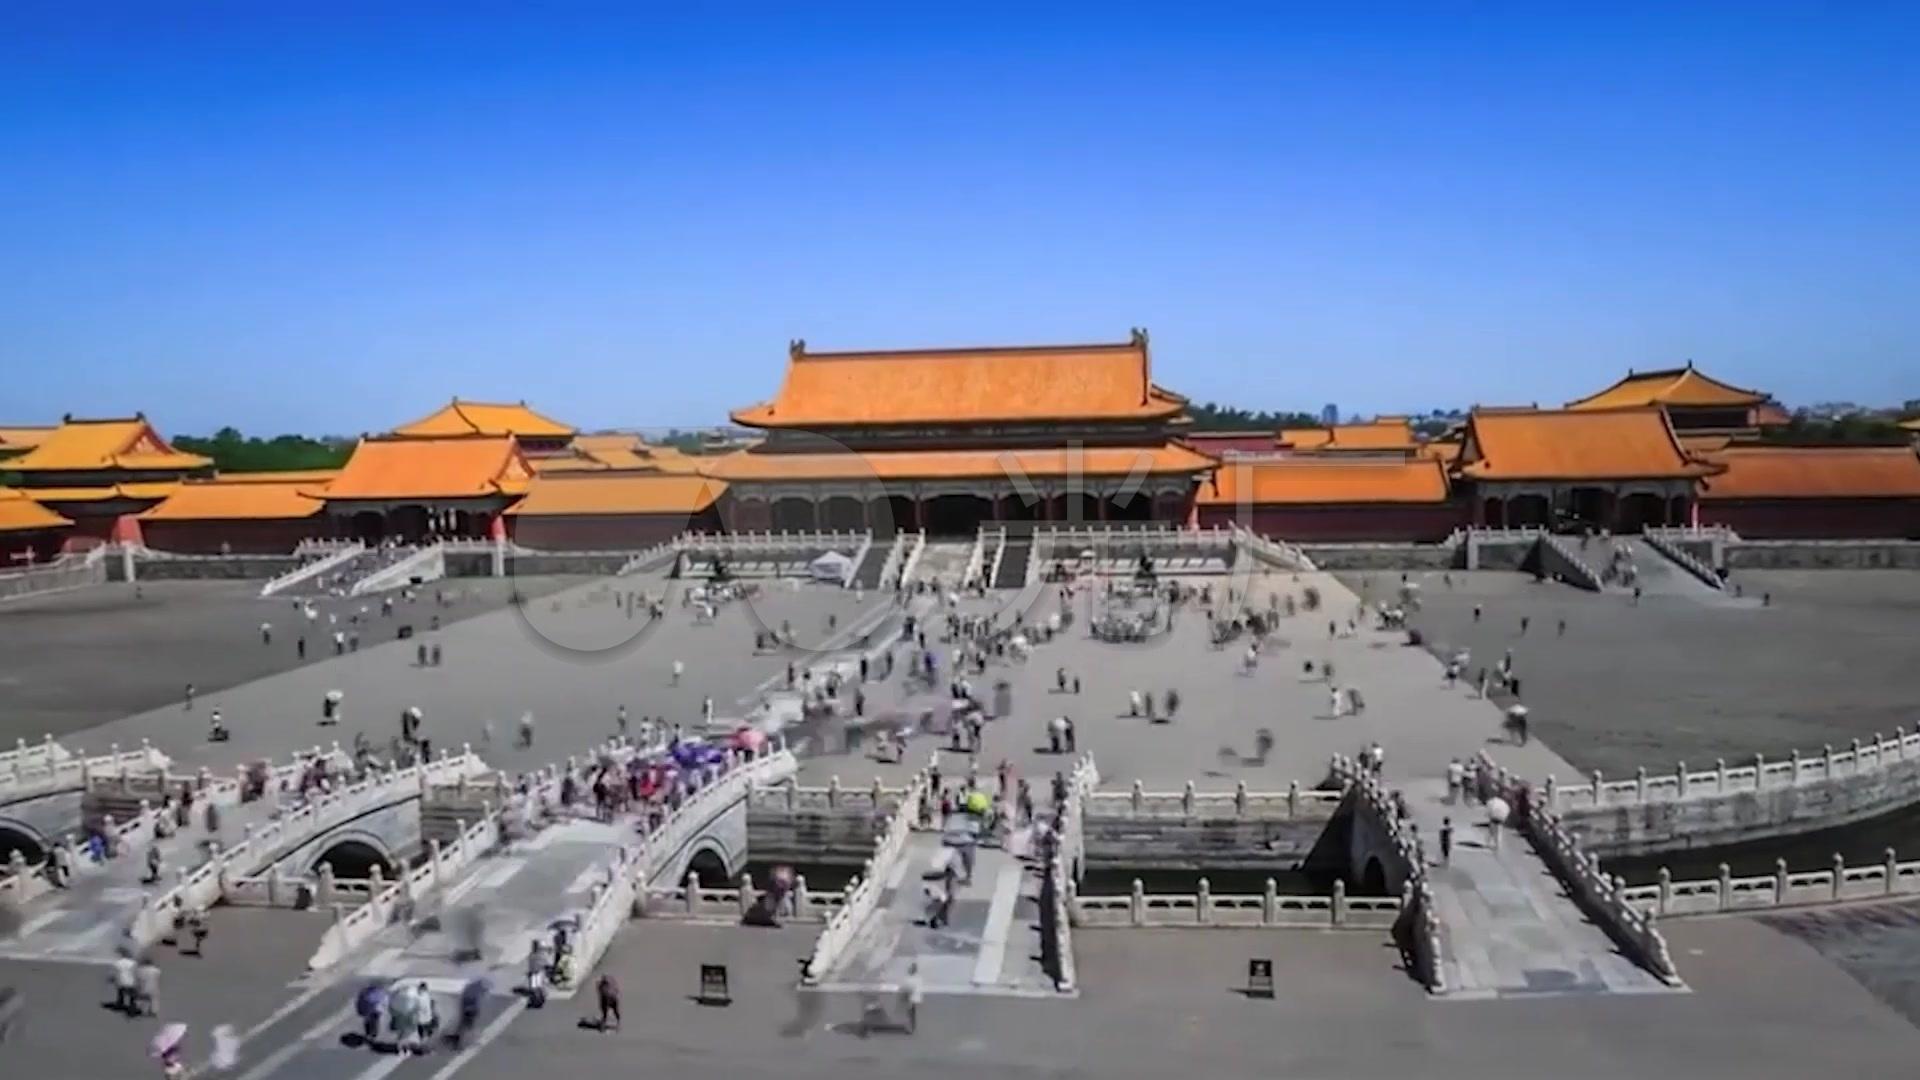 故宫博物院视频素材_1920X1080_高清视频素